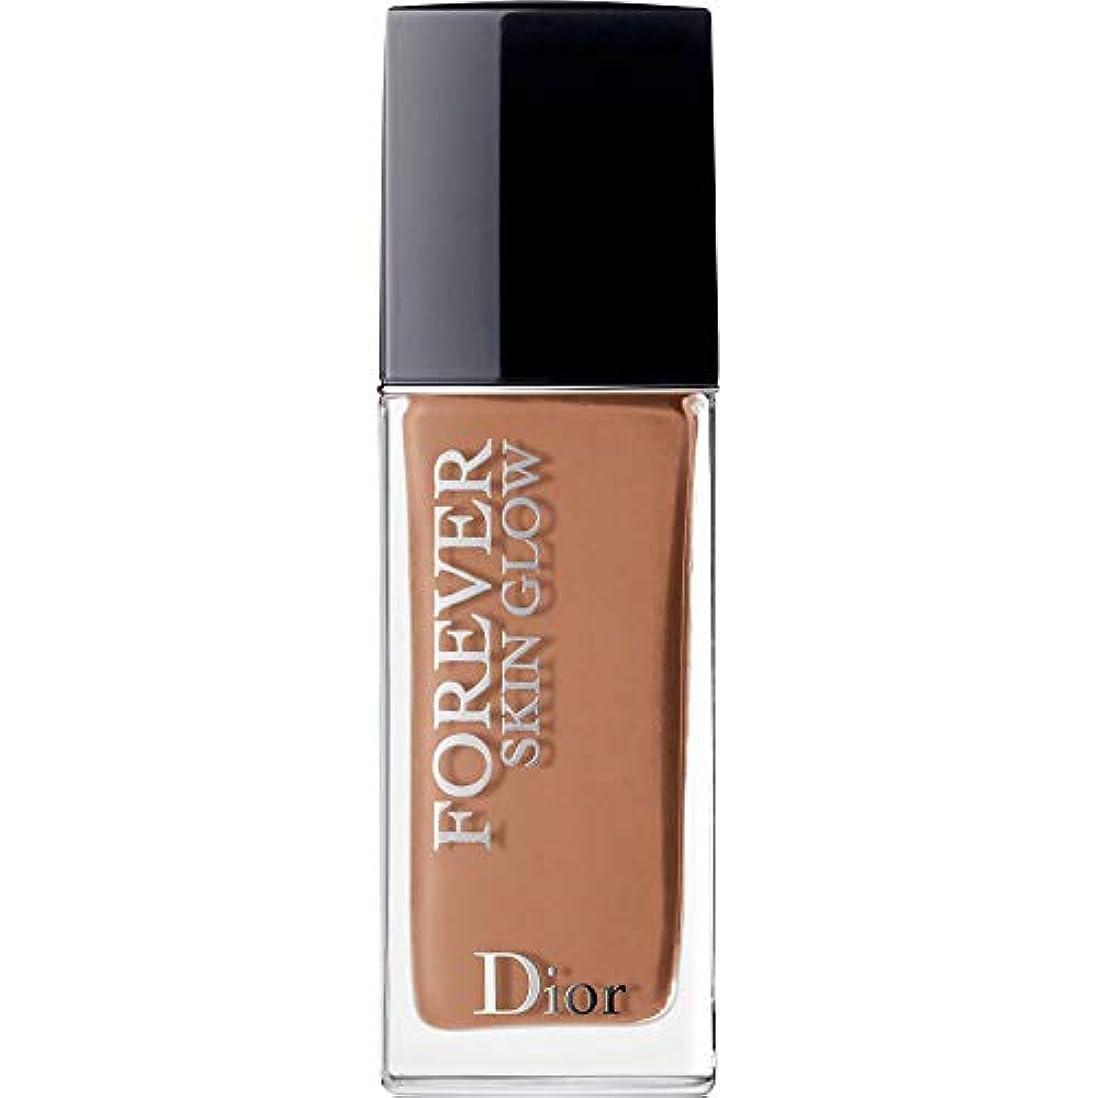 完璧海岸引き出し[DIOR] ディオール永遠に皮膚グロー皮膚思いやりの基礎Spf35 30ミリリットルの5N - ニュートラル(肌の輝き) - DIOR Forever Skin Glow Skin-Caring Foundation...